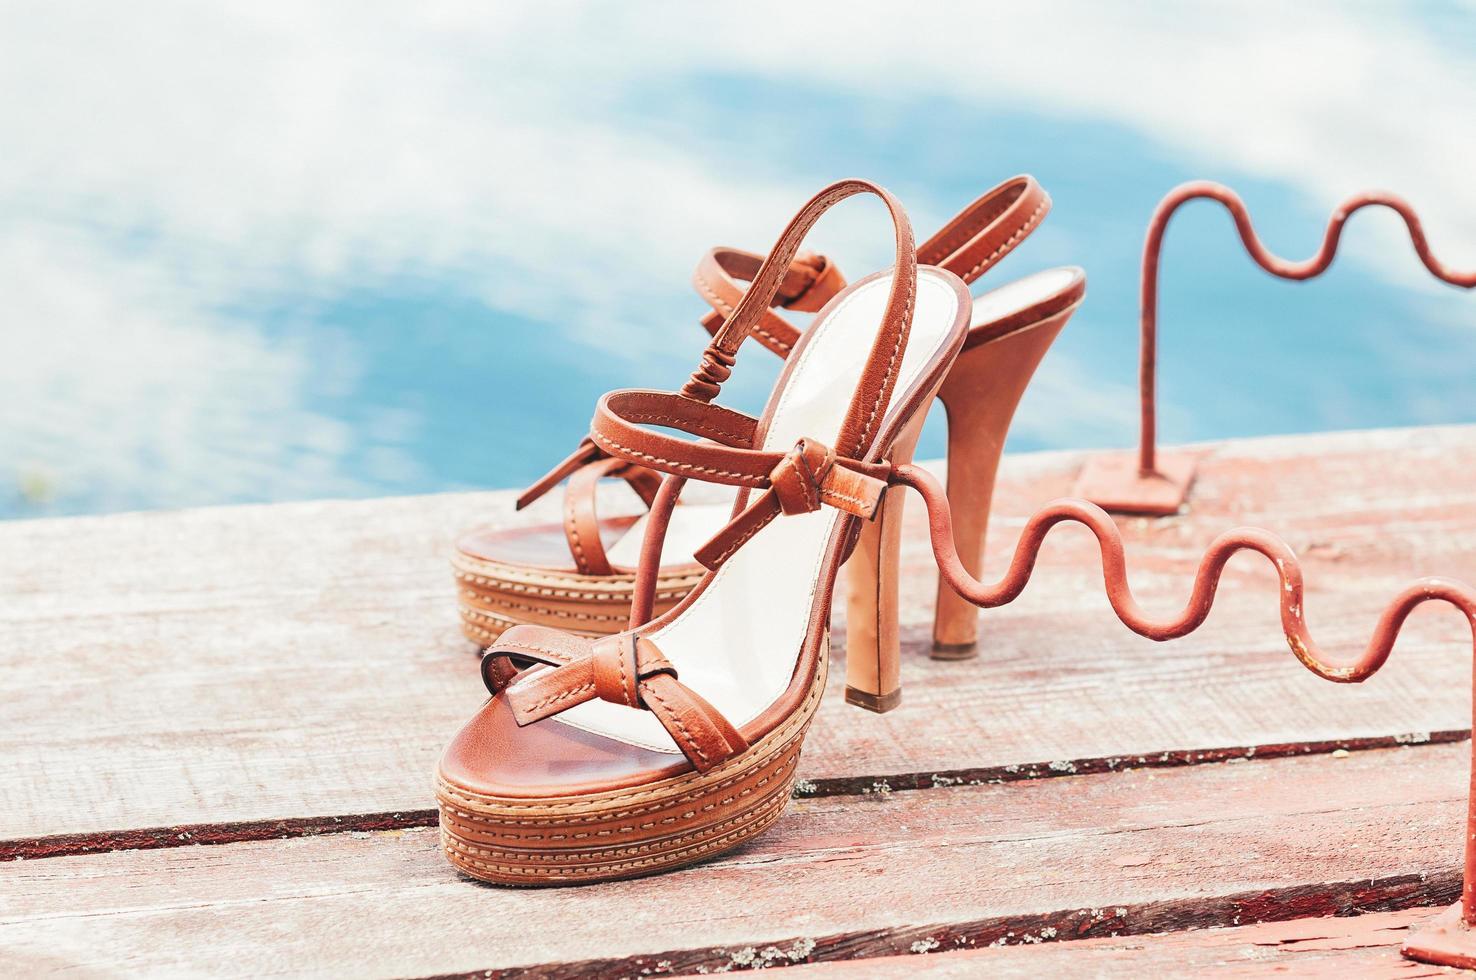 zapatos de verano de tacón alto vintage junto al río foto